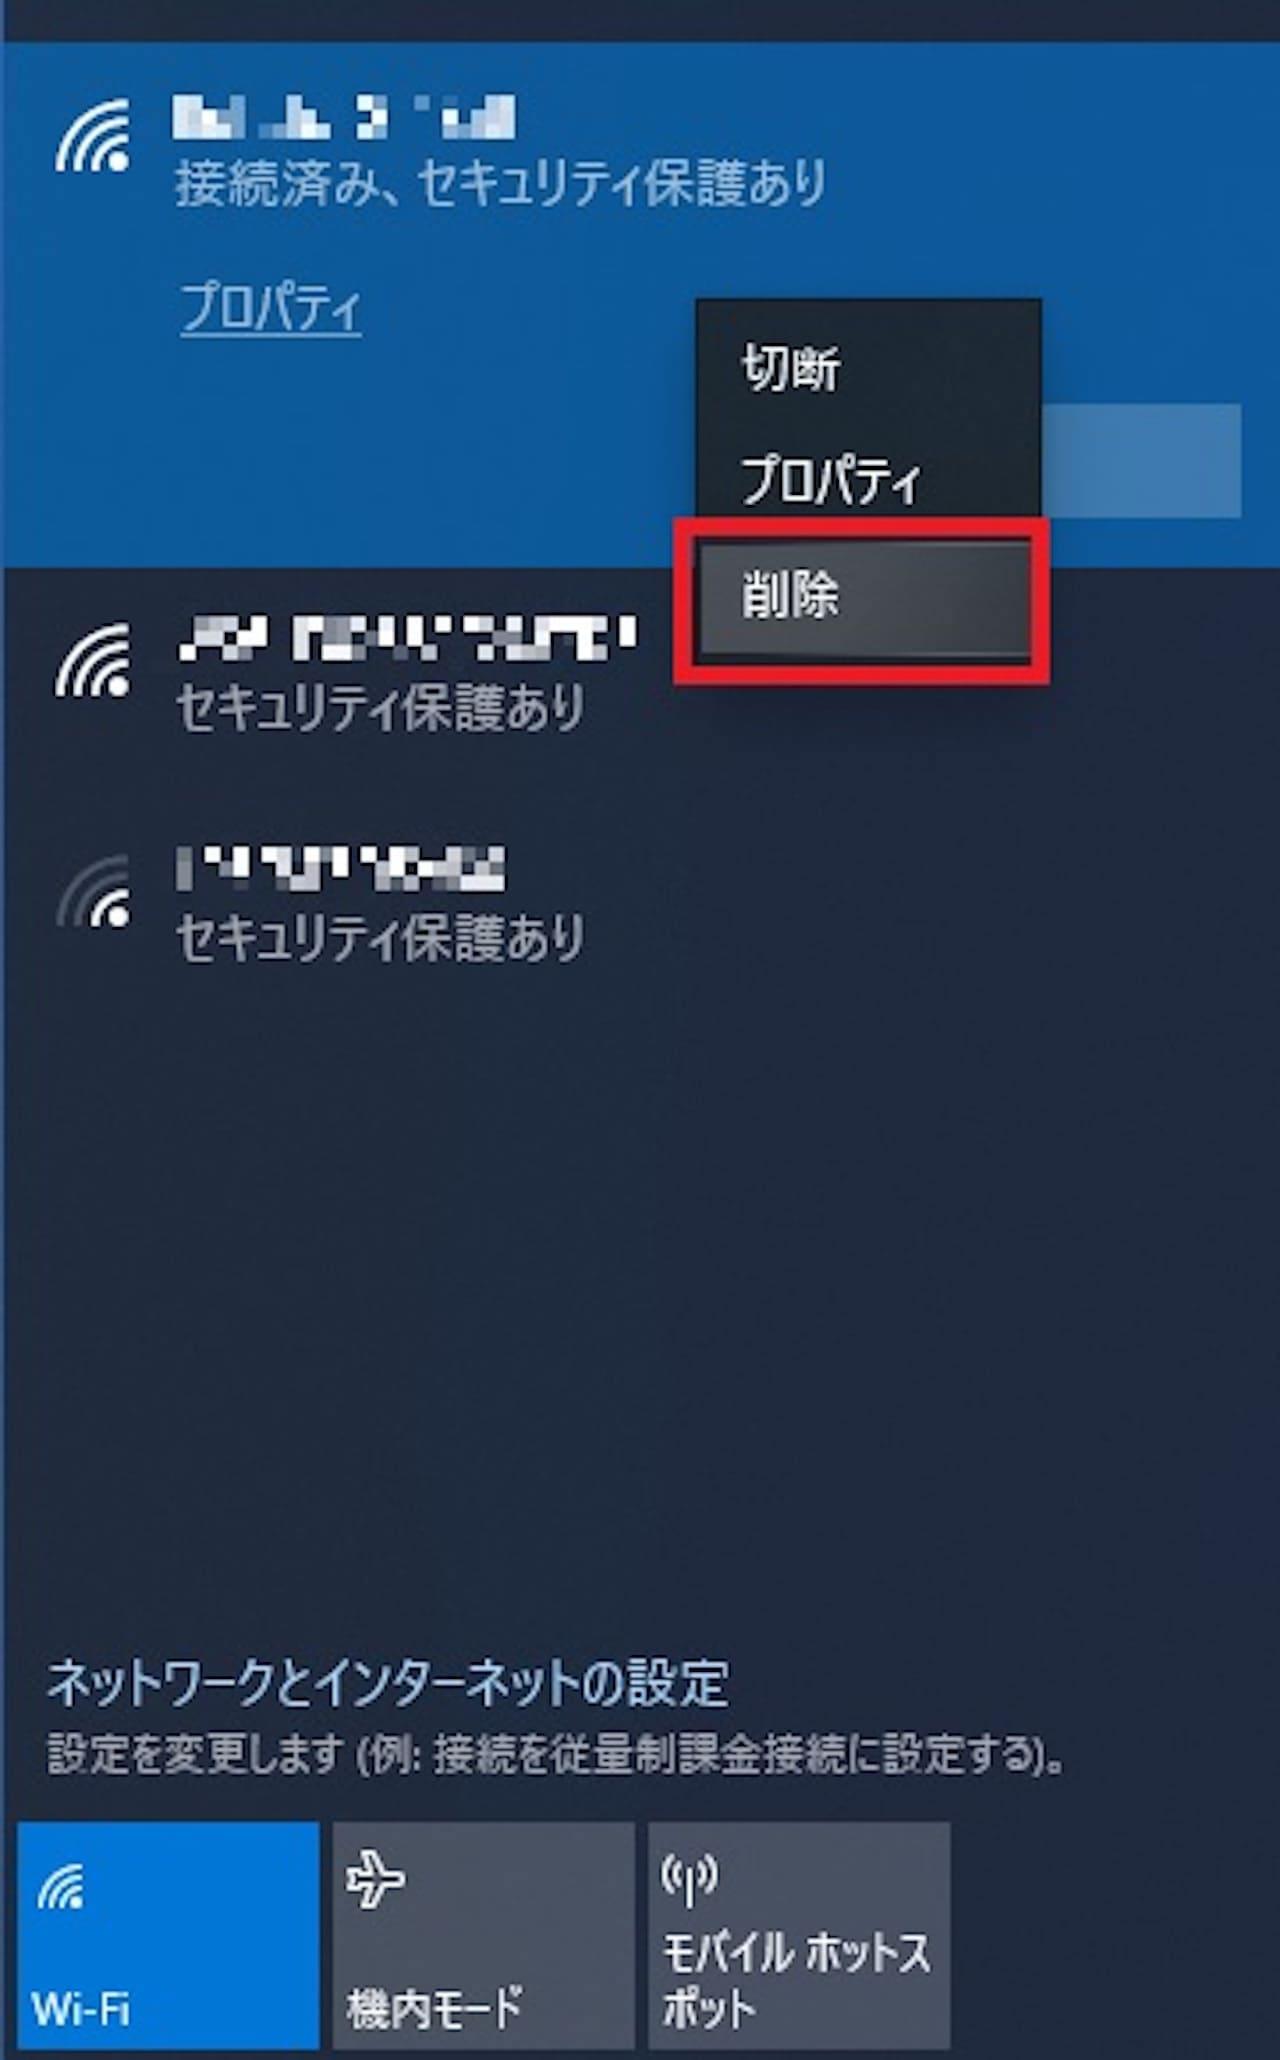 Windows10でネットワーク設定を削除する方法④